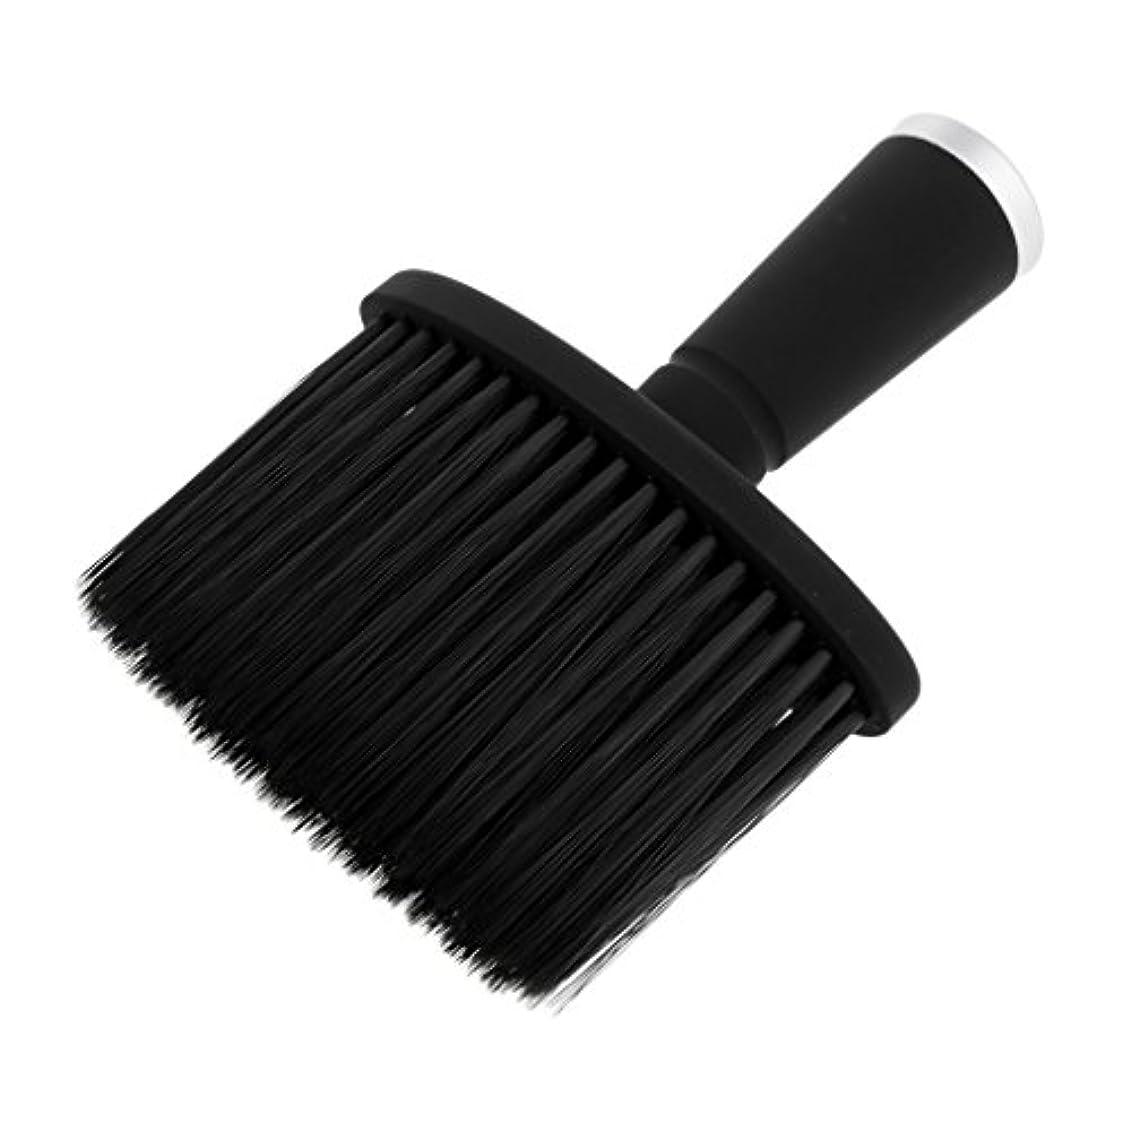 バルセロナ腫瘍酸化する大広間のスタイリストの理髪師の毛の切断の構造用具のための柔らかい首の塵払いのブラシ - 銀